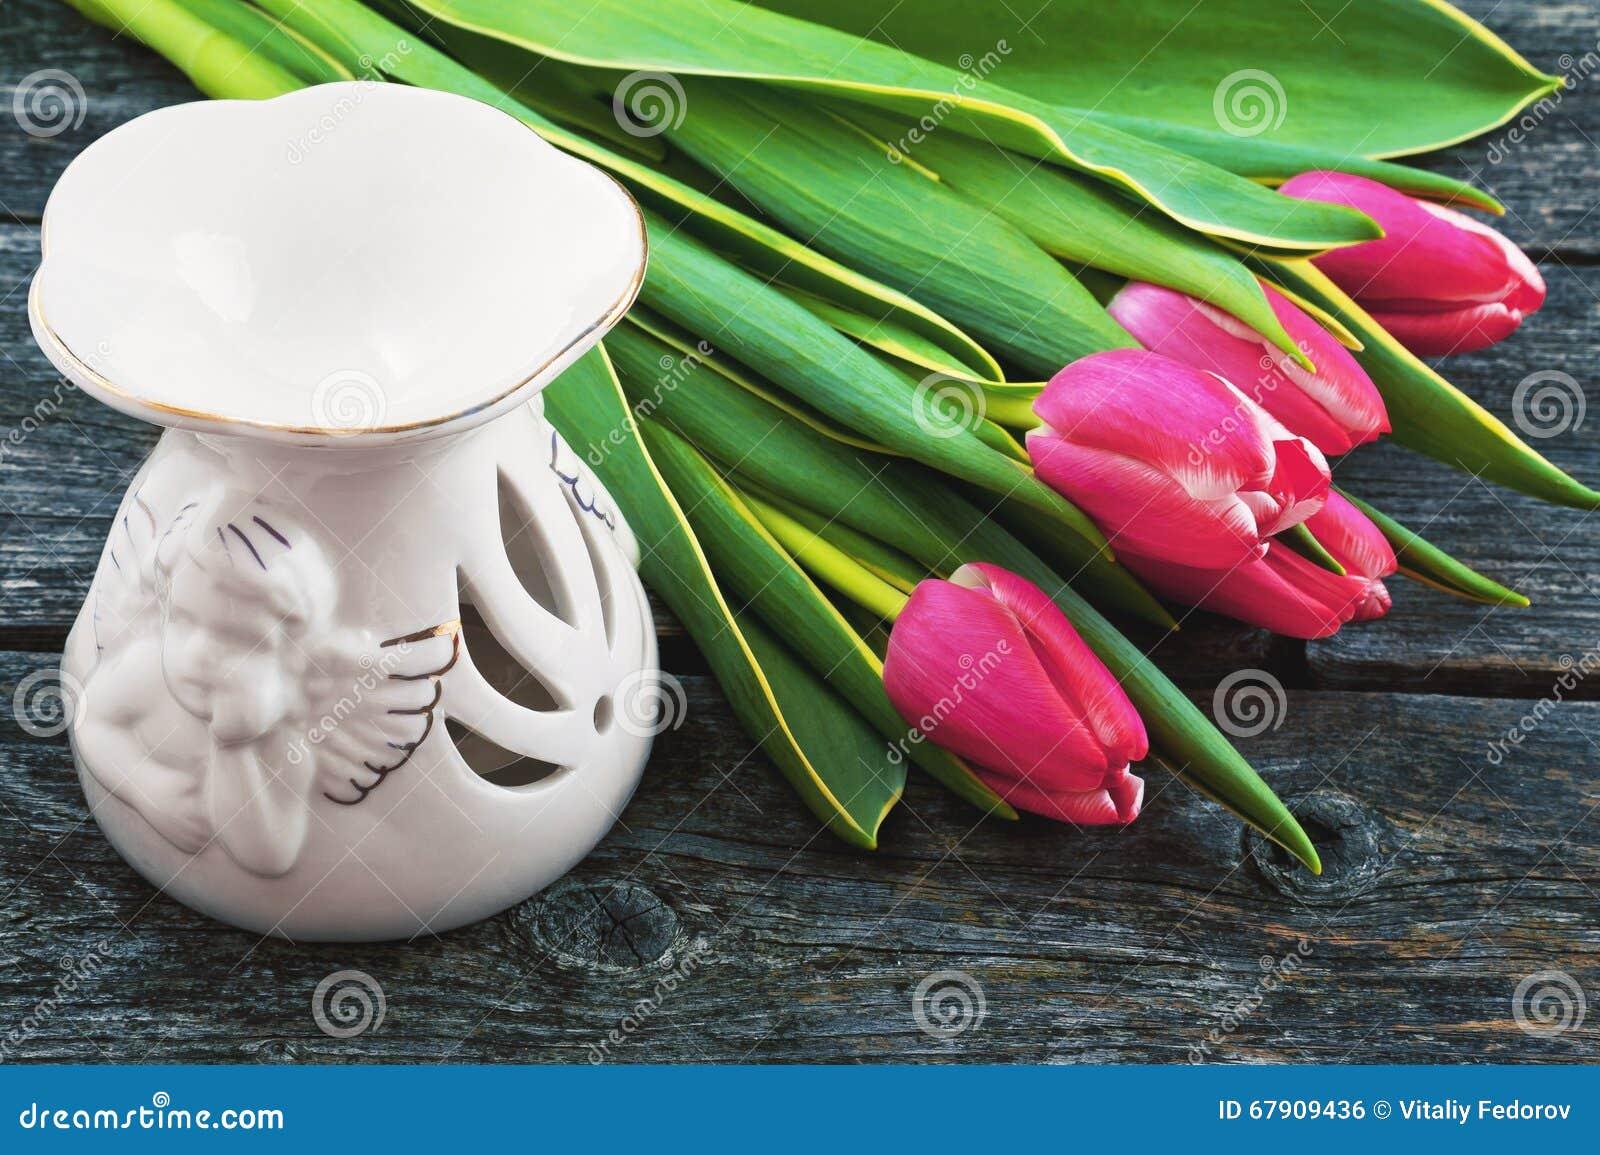 Lampada Fiore Tulipano : Tulipani rosa e una lampada aromatica su un fondo di legno